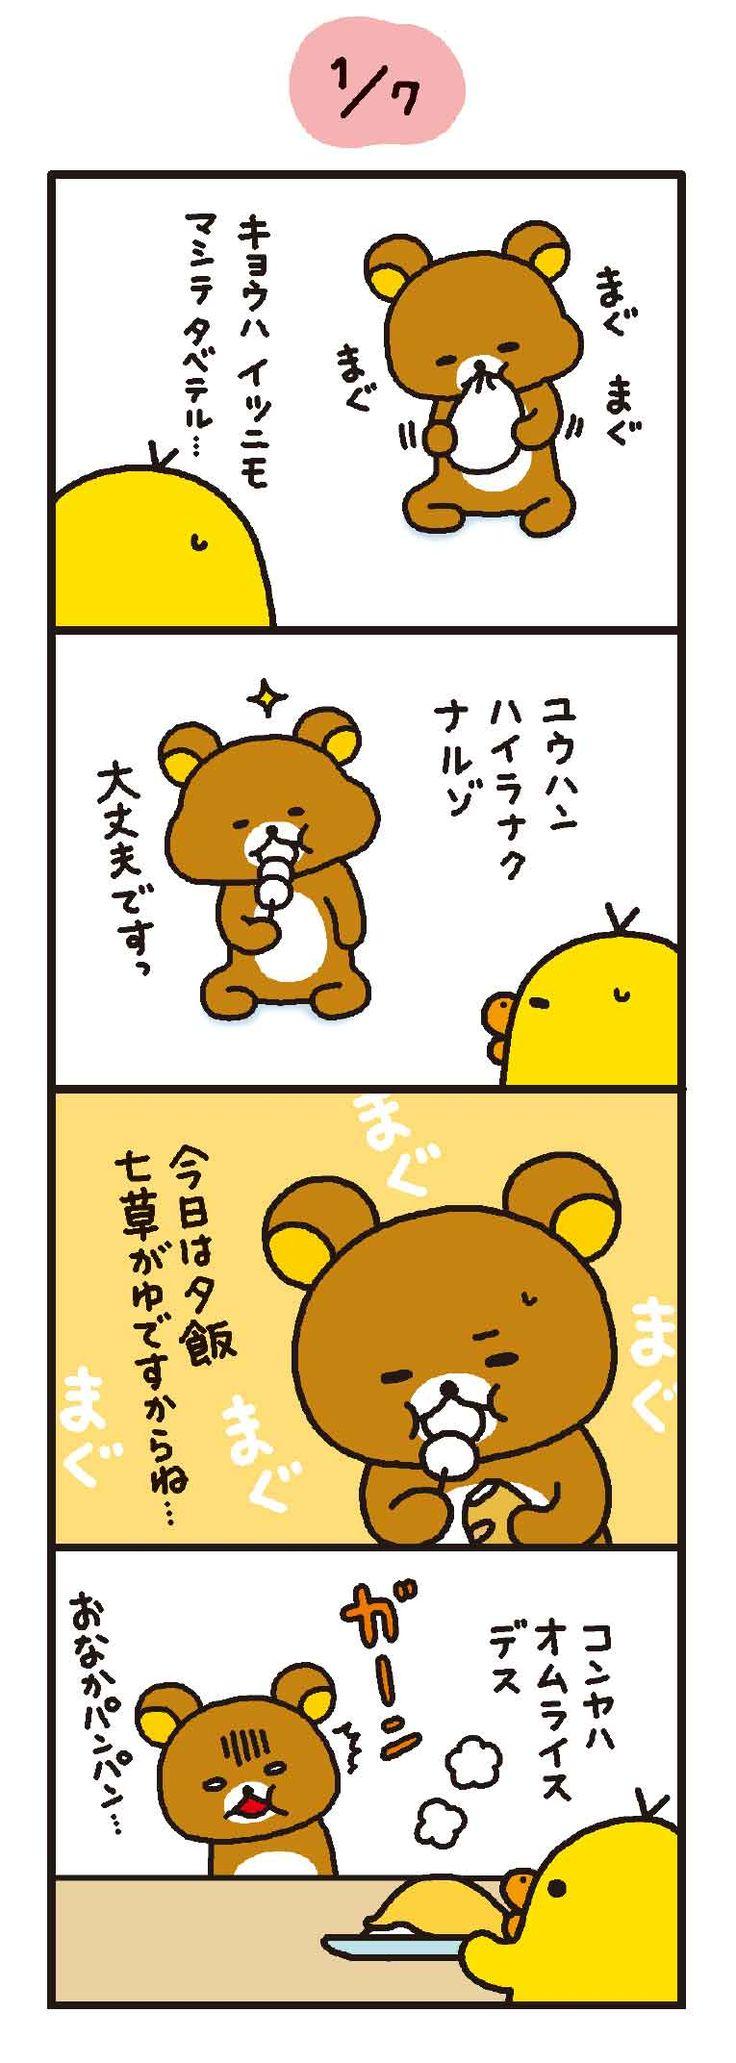 リラックマ 4クママンガ   1/7   無料で読める漫画・4コマサイト   パチクリ!